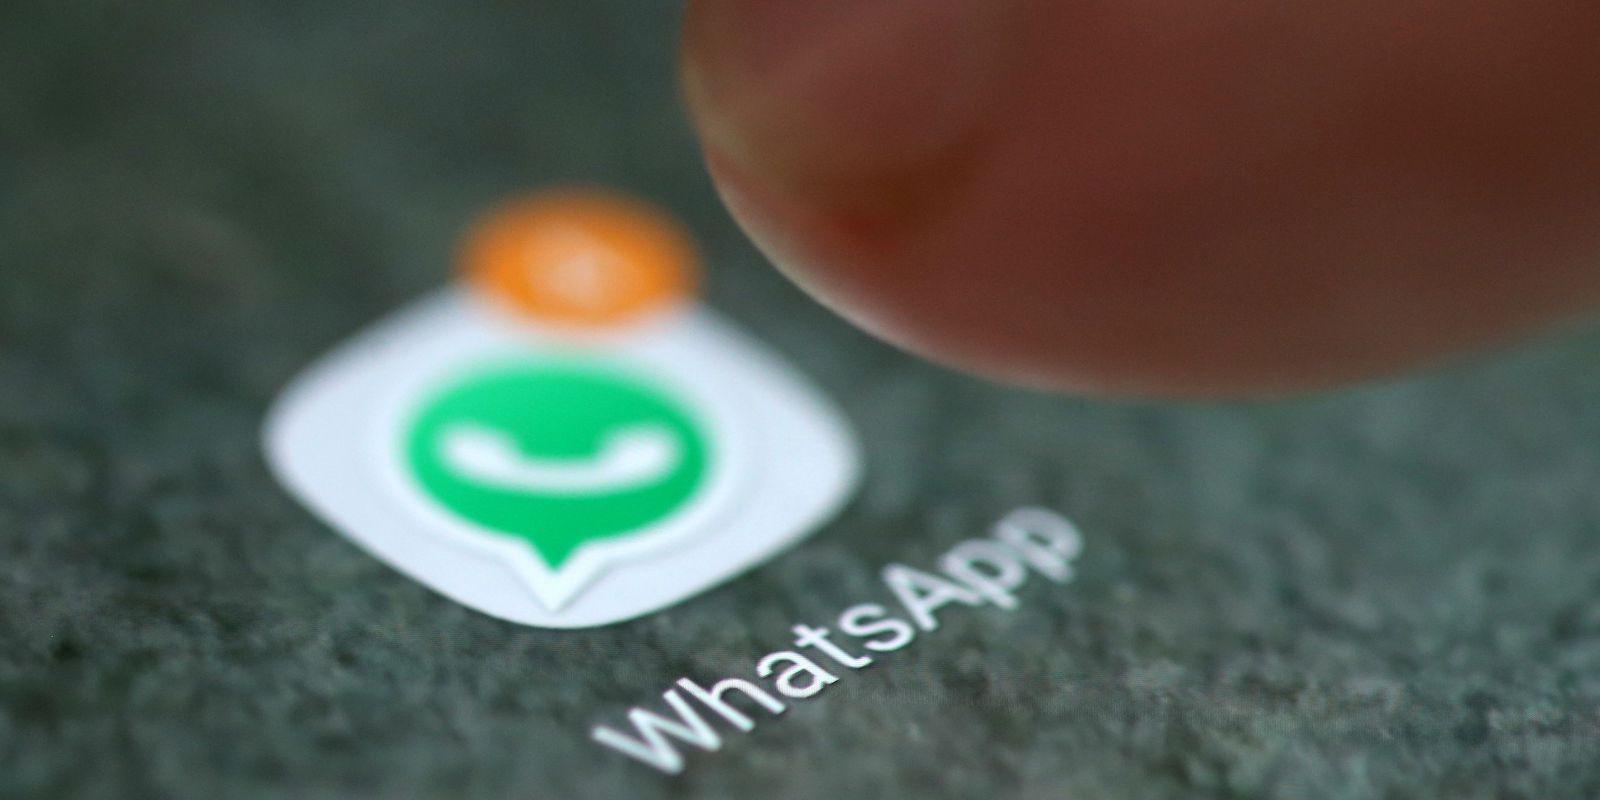 WhatsApp vai limitar funções de contas que não aceitarem novas regras 'em algumas semanas'